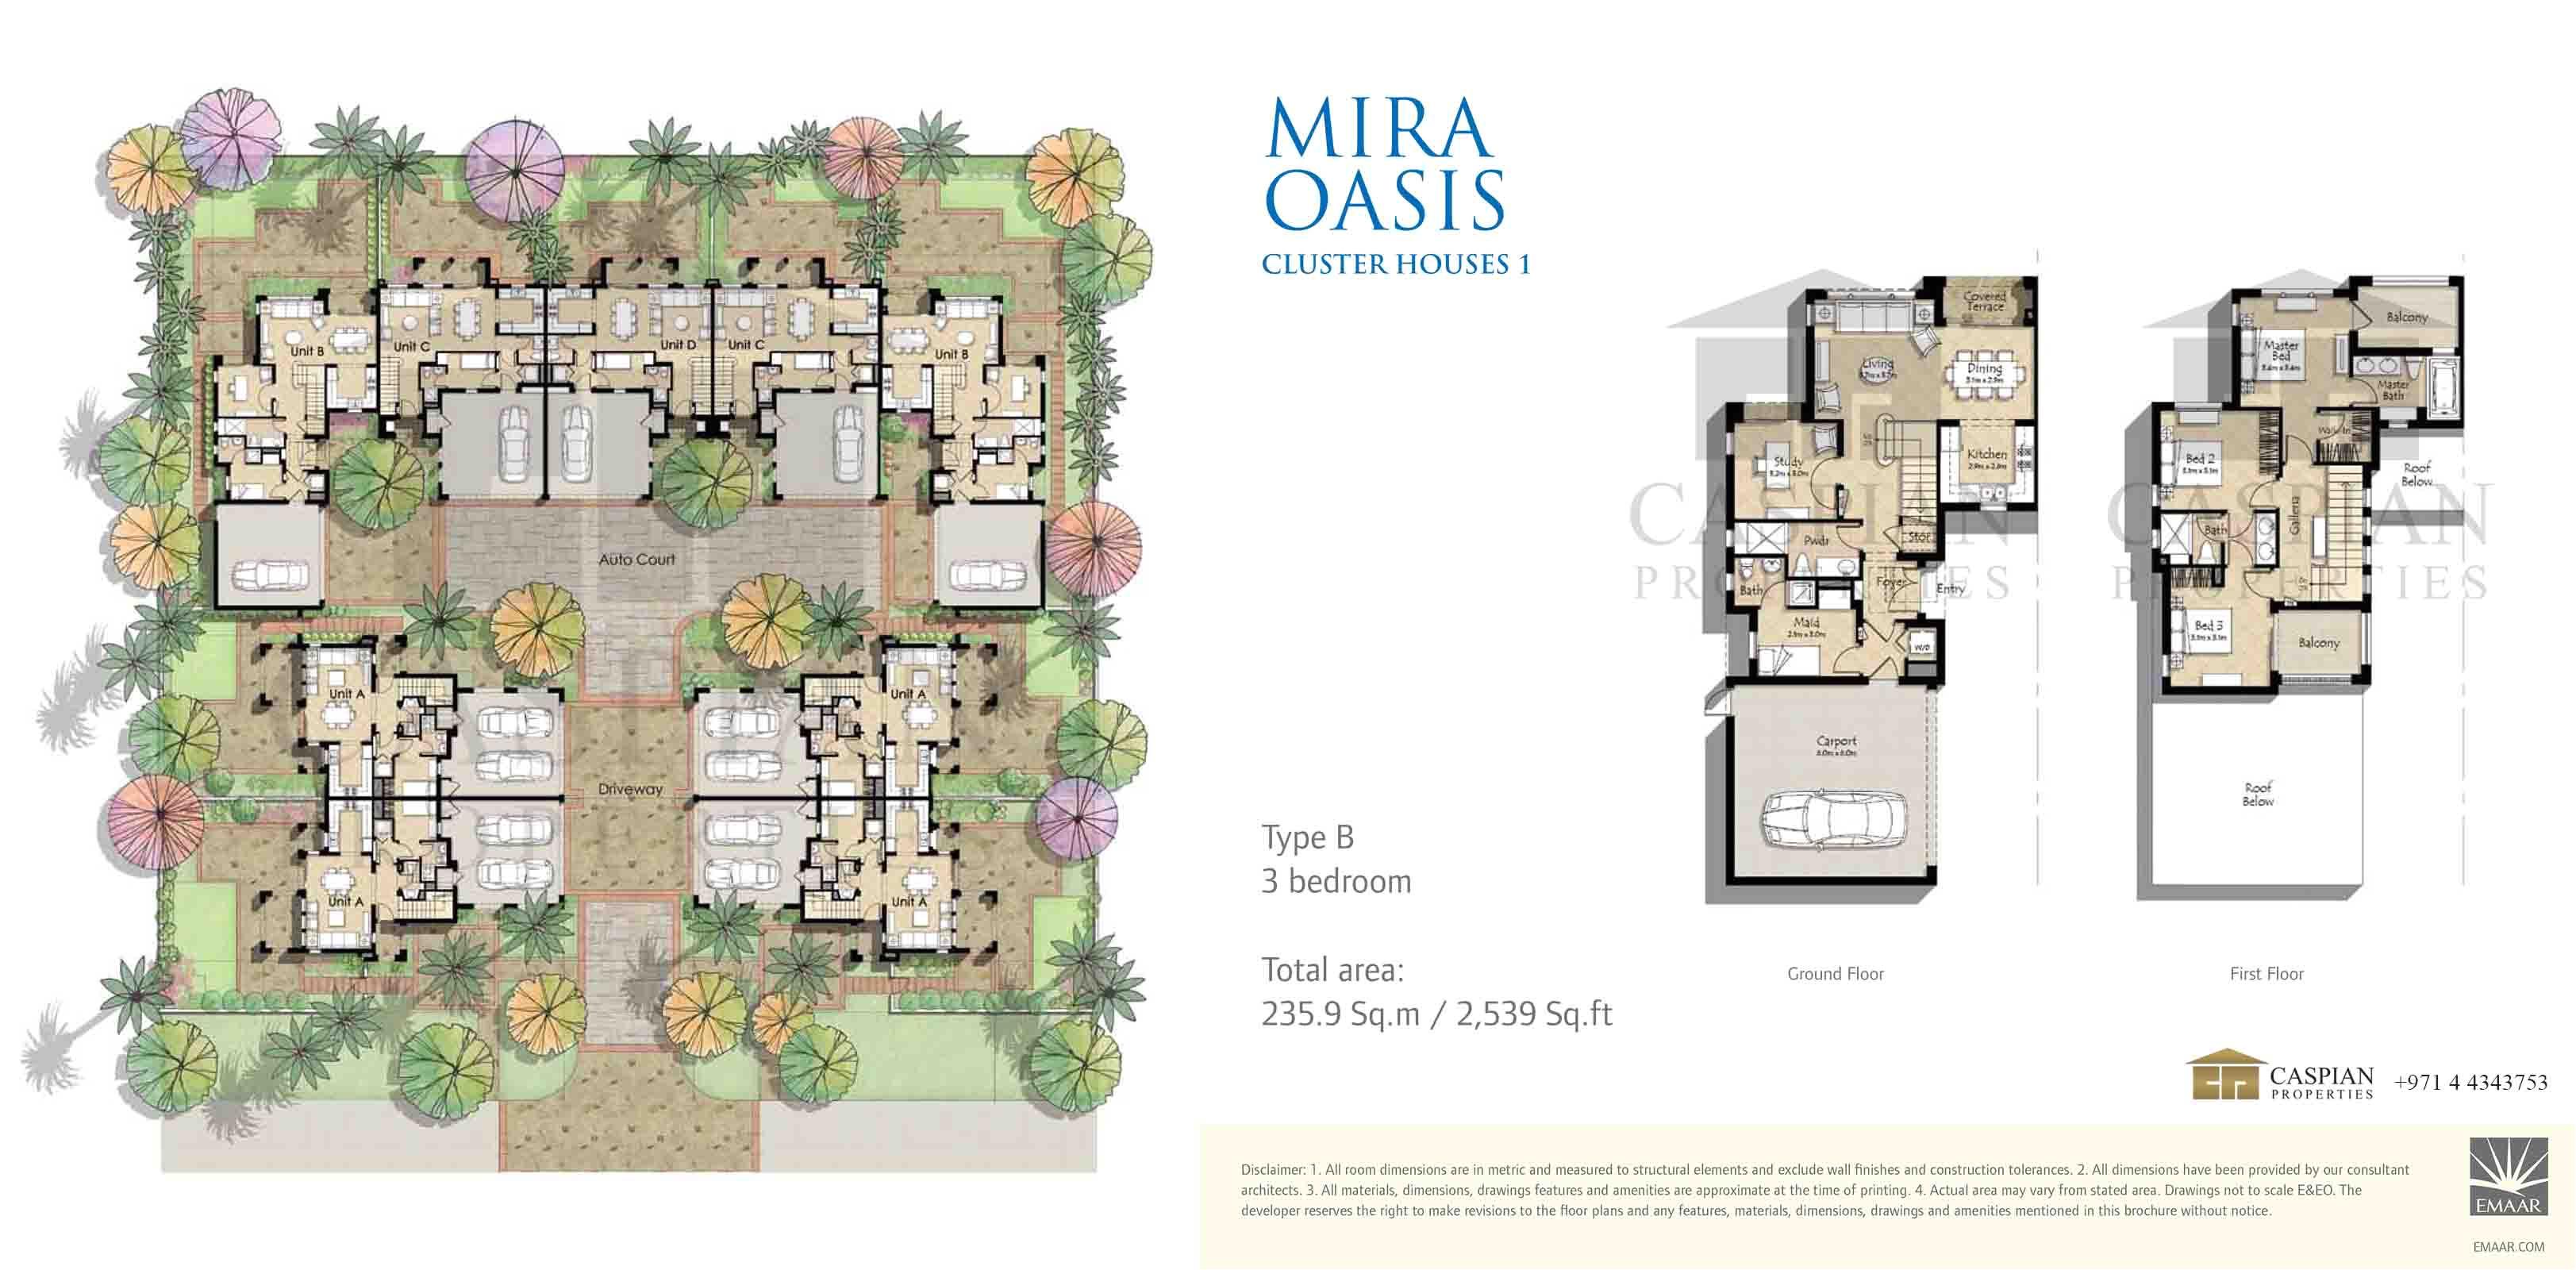 oasis 1 floor plans